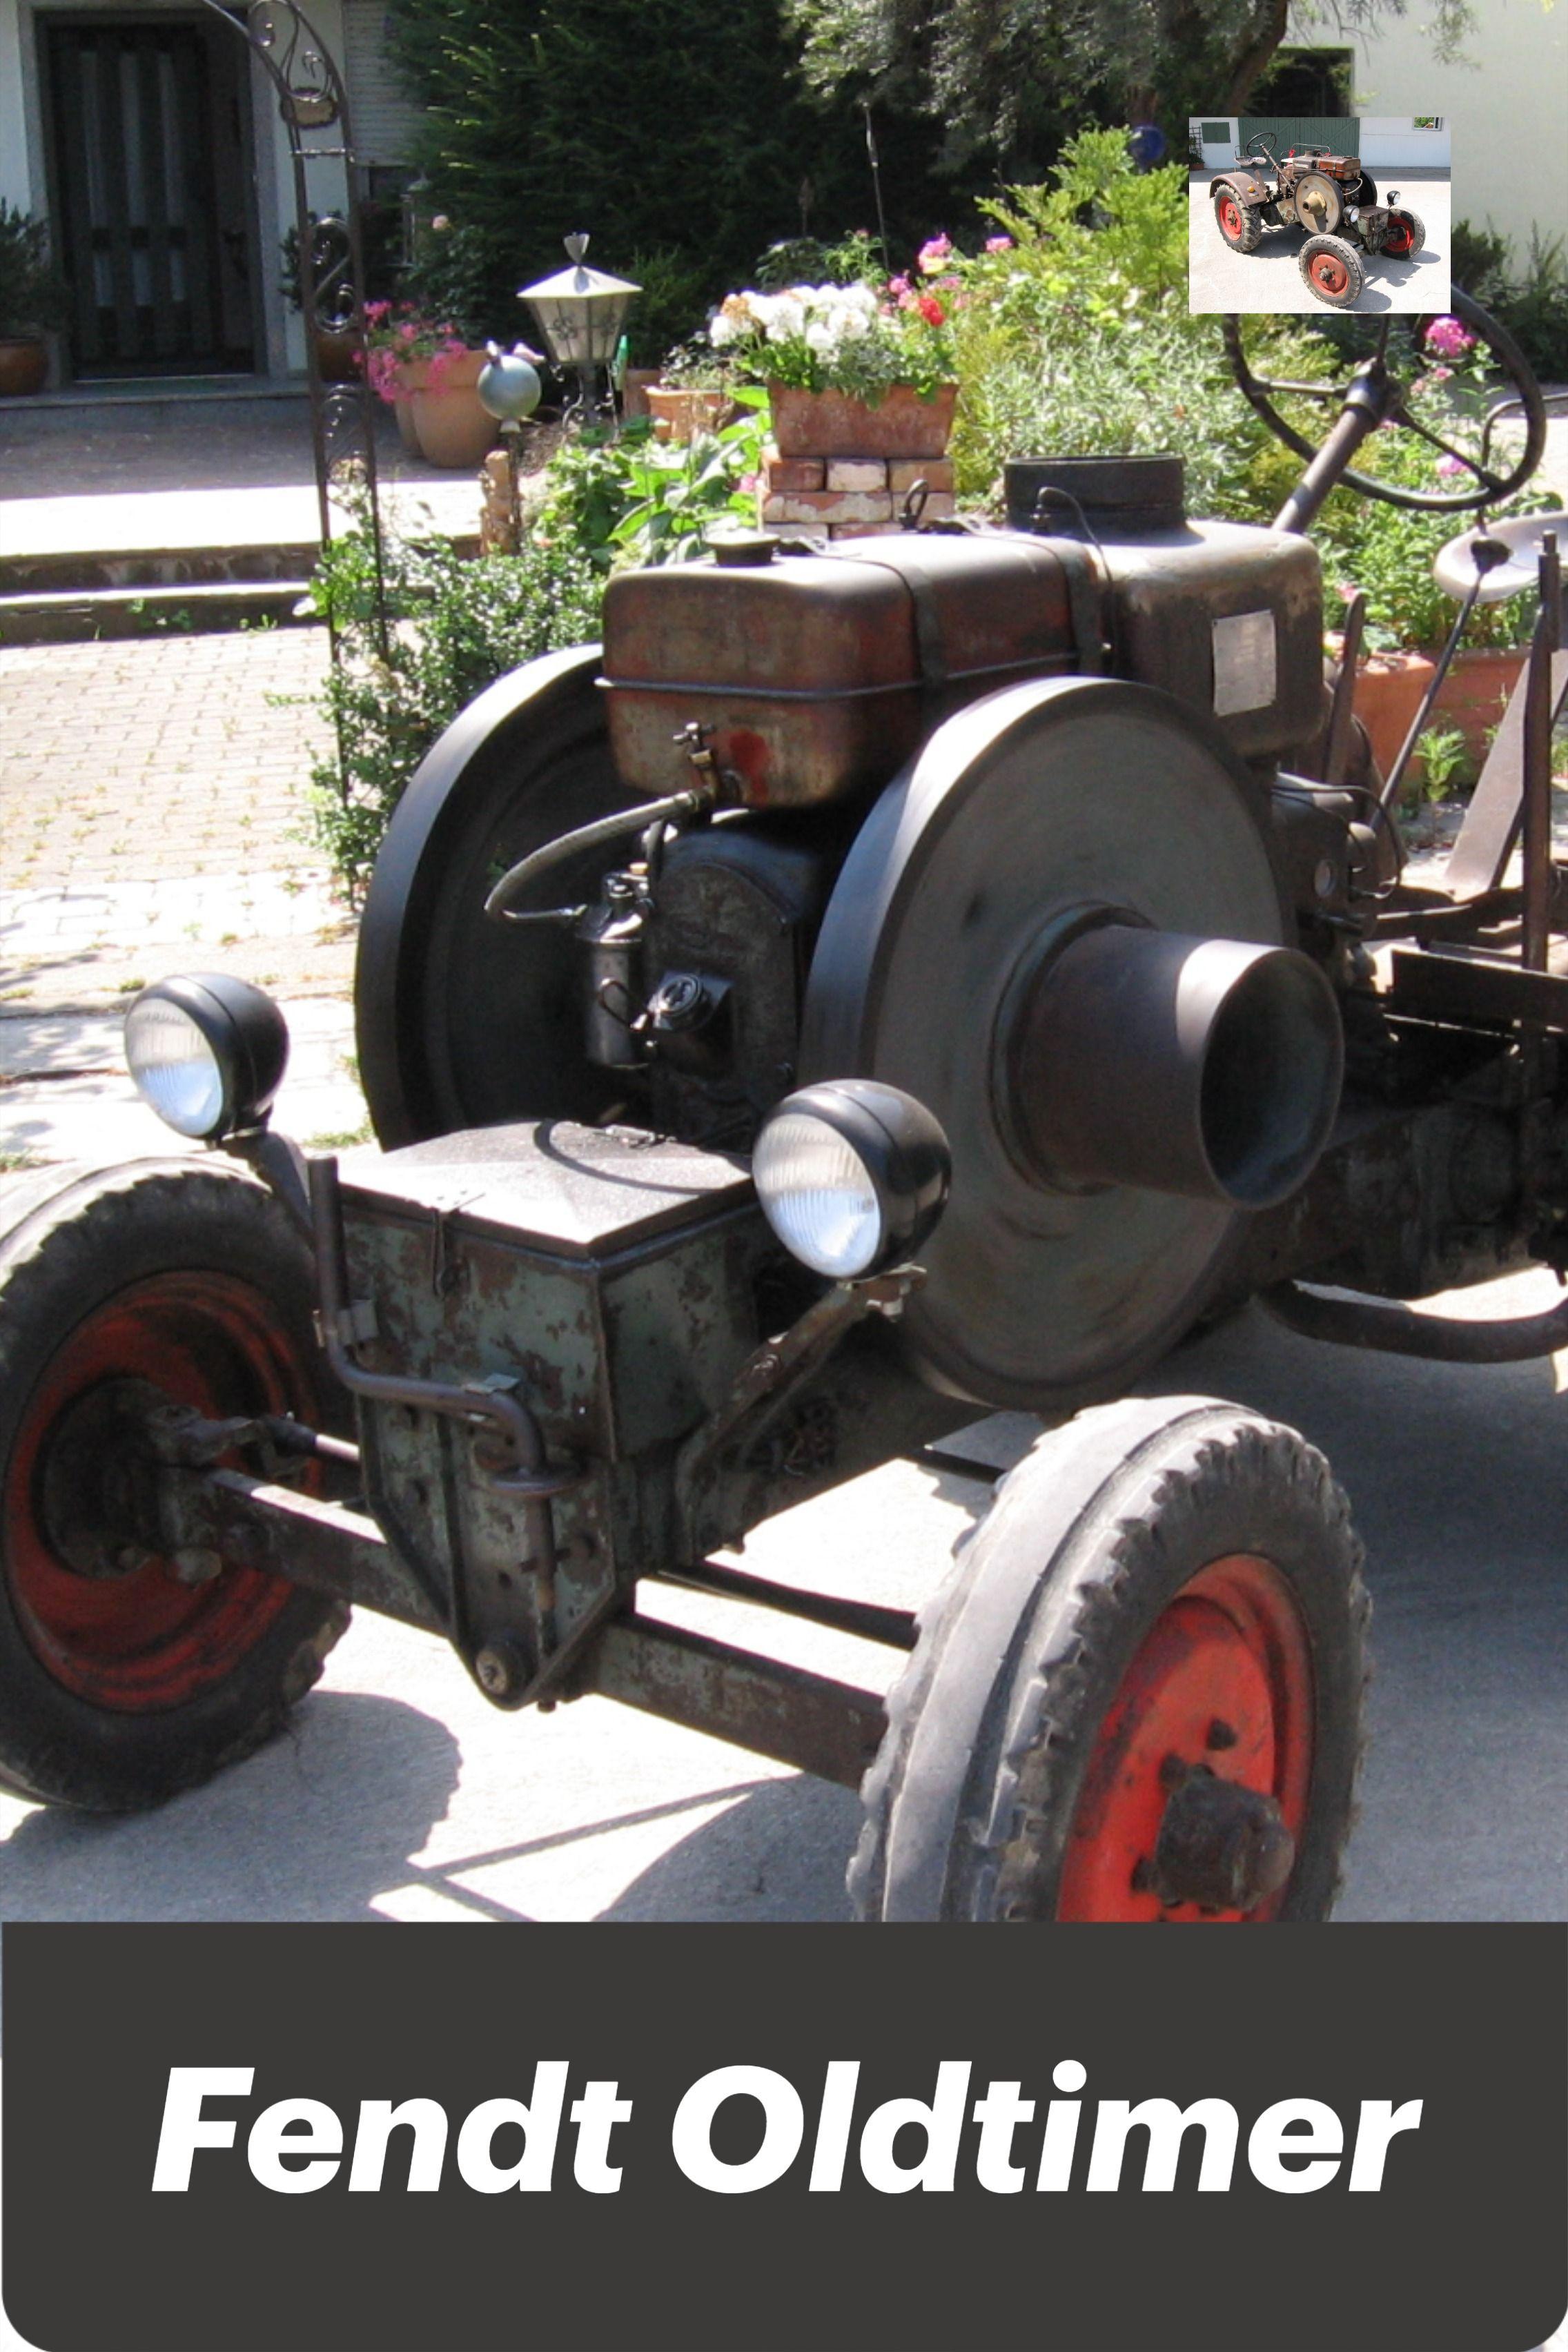 Fendt Oldtimer Infos Videos Und Fotos In 2020 Fendt Oldtimer Fendt Traktor